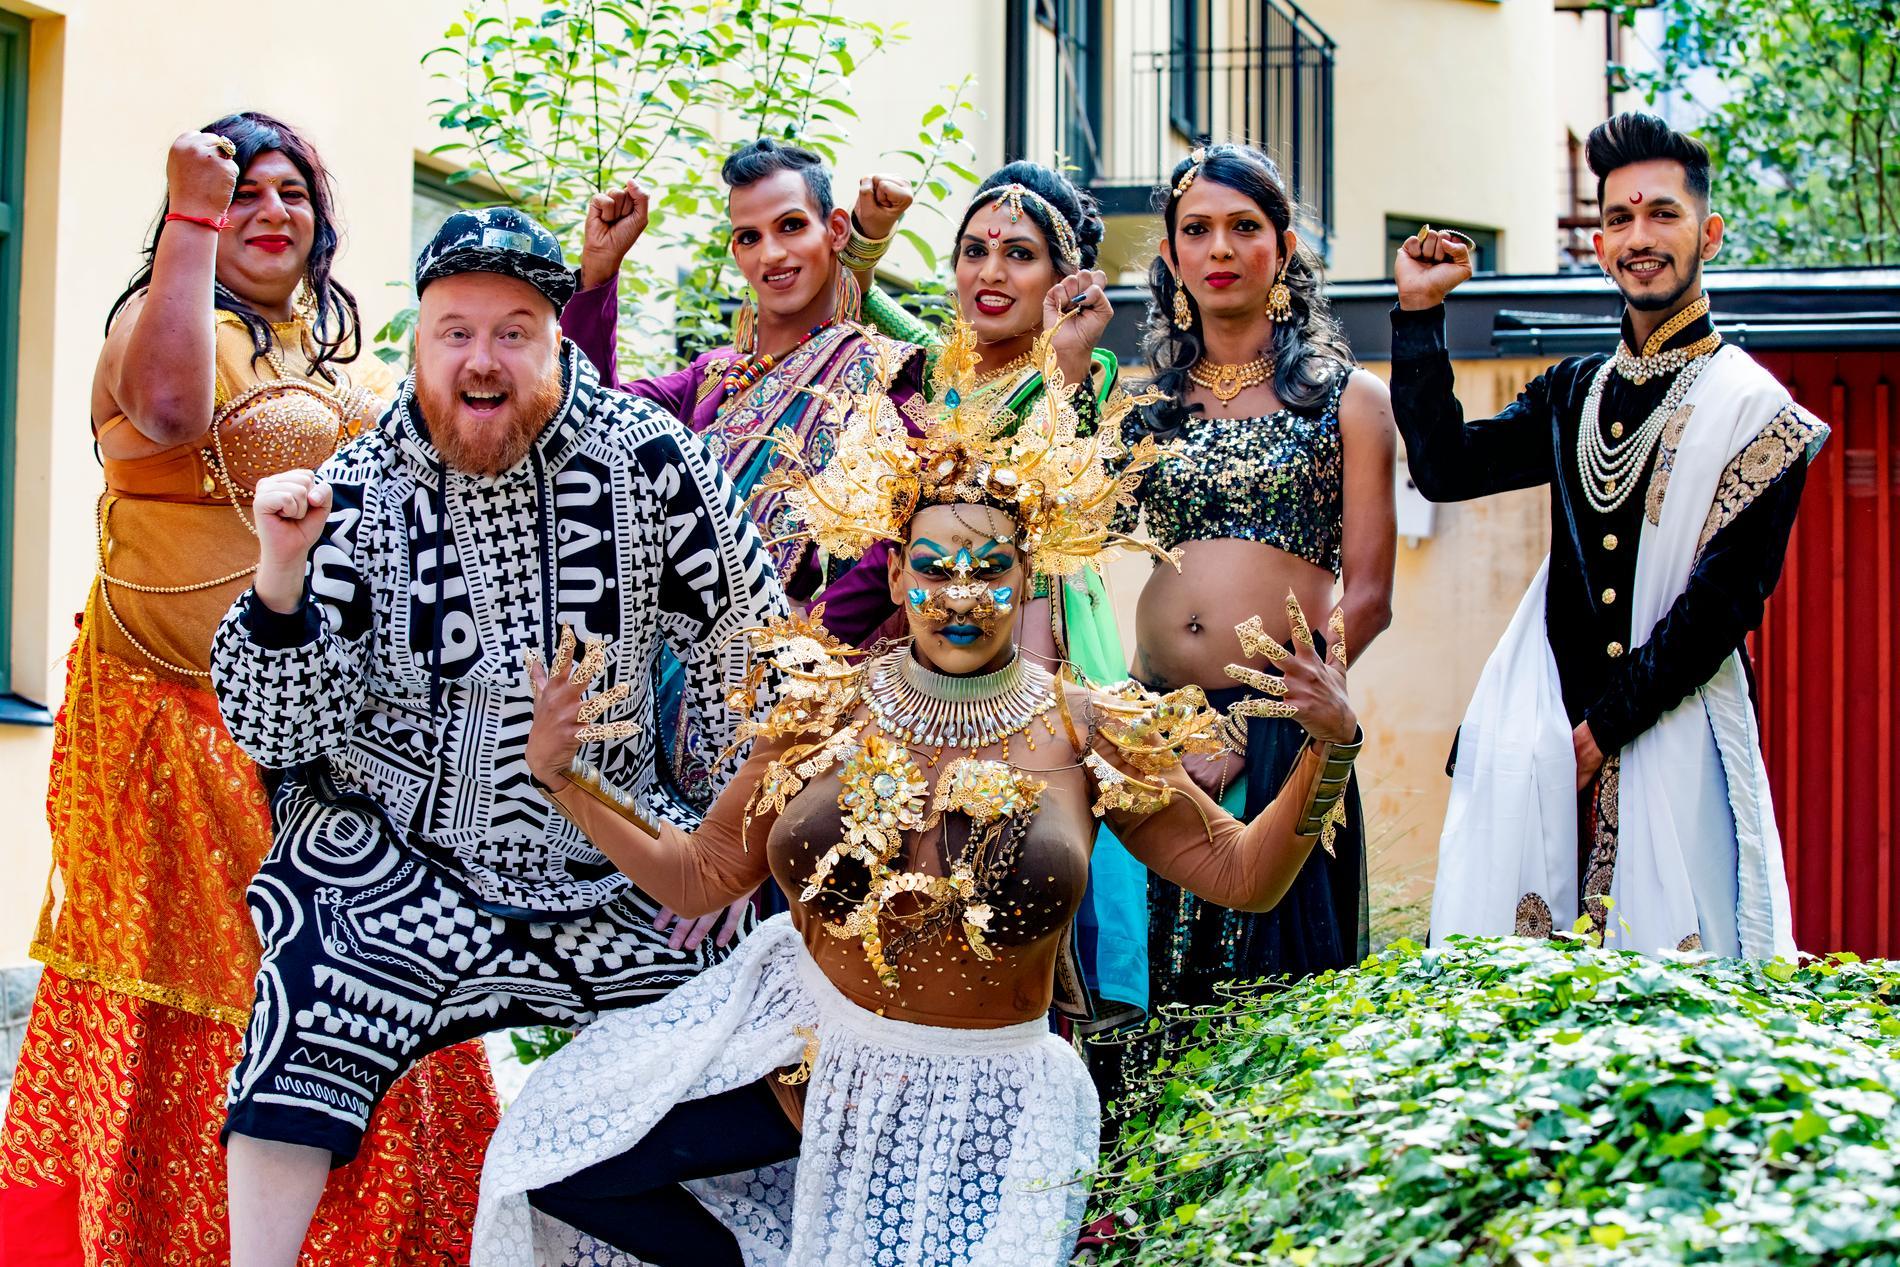 Indiens första queerrappare Tropical Marca med svensken Petter Wallenberg och dansgruppen Dancing Queens bakom sig. Från vänster: Maya, Yogendra, Paras, Urmi och Shekher.